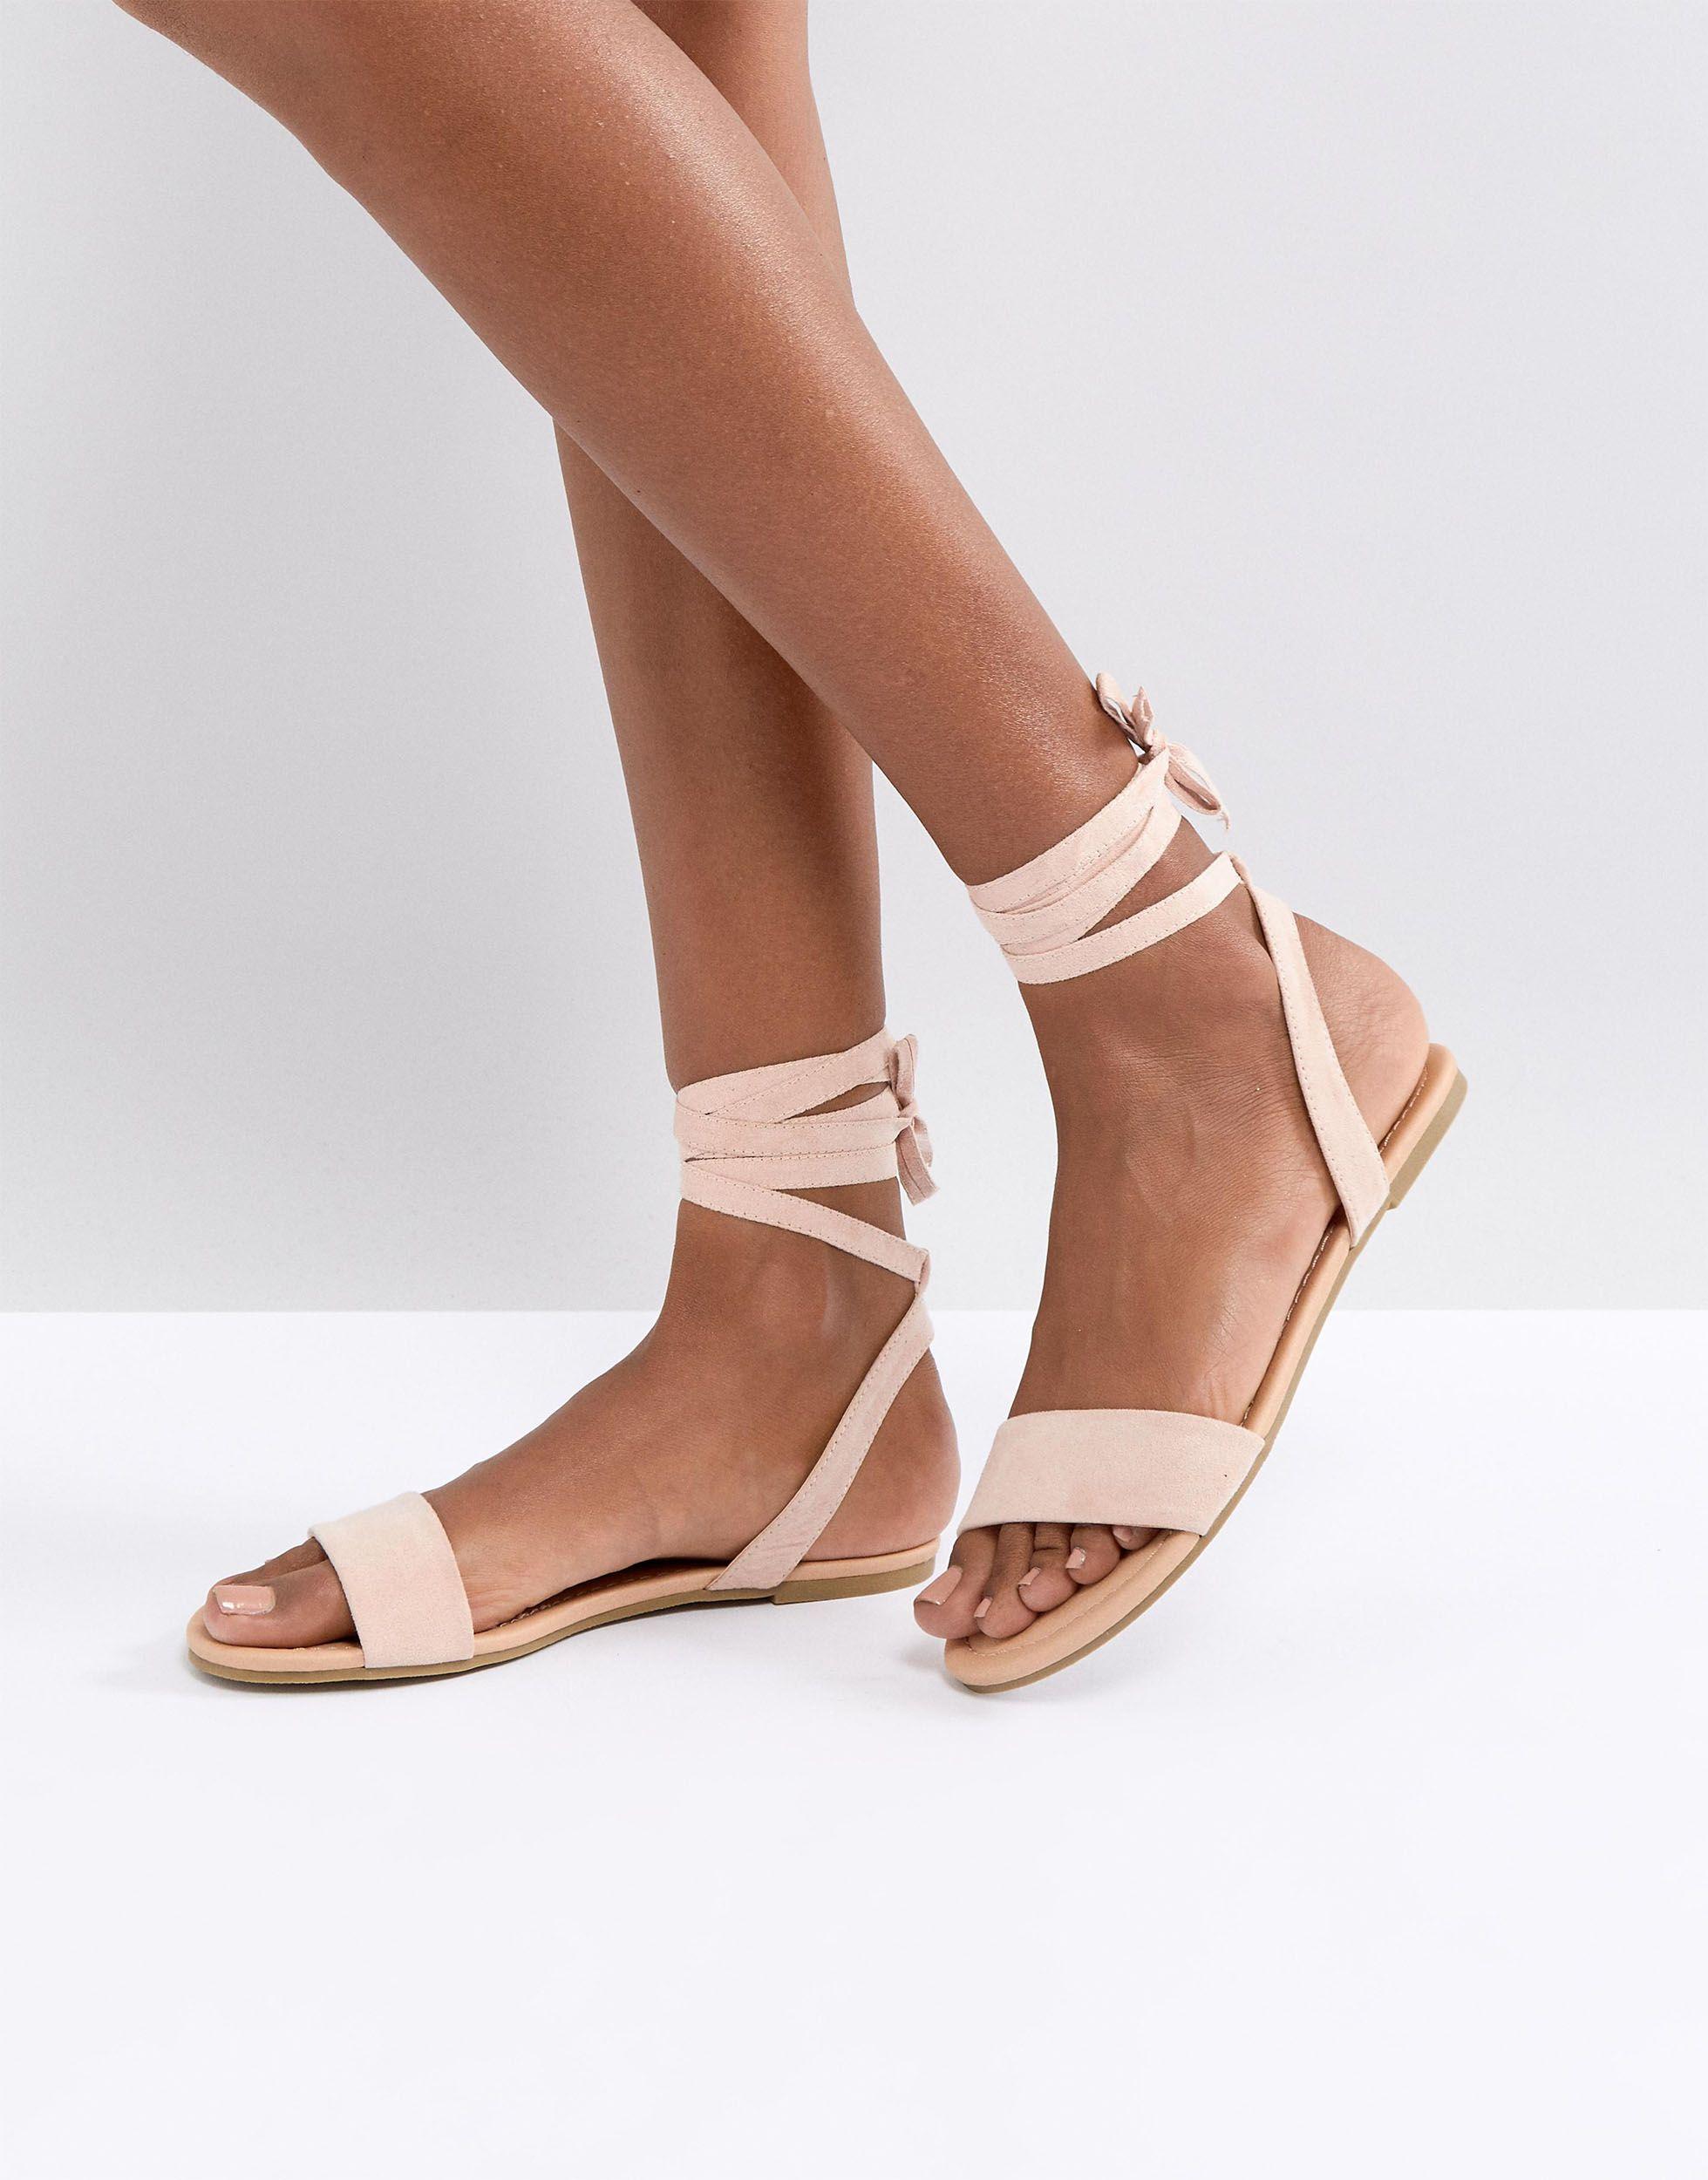 02aefd9a3af837 Wiązane różowe sandały płaskie damskie 40 - 7331719469 - oficjalne ...